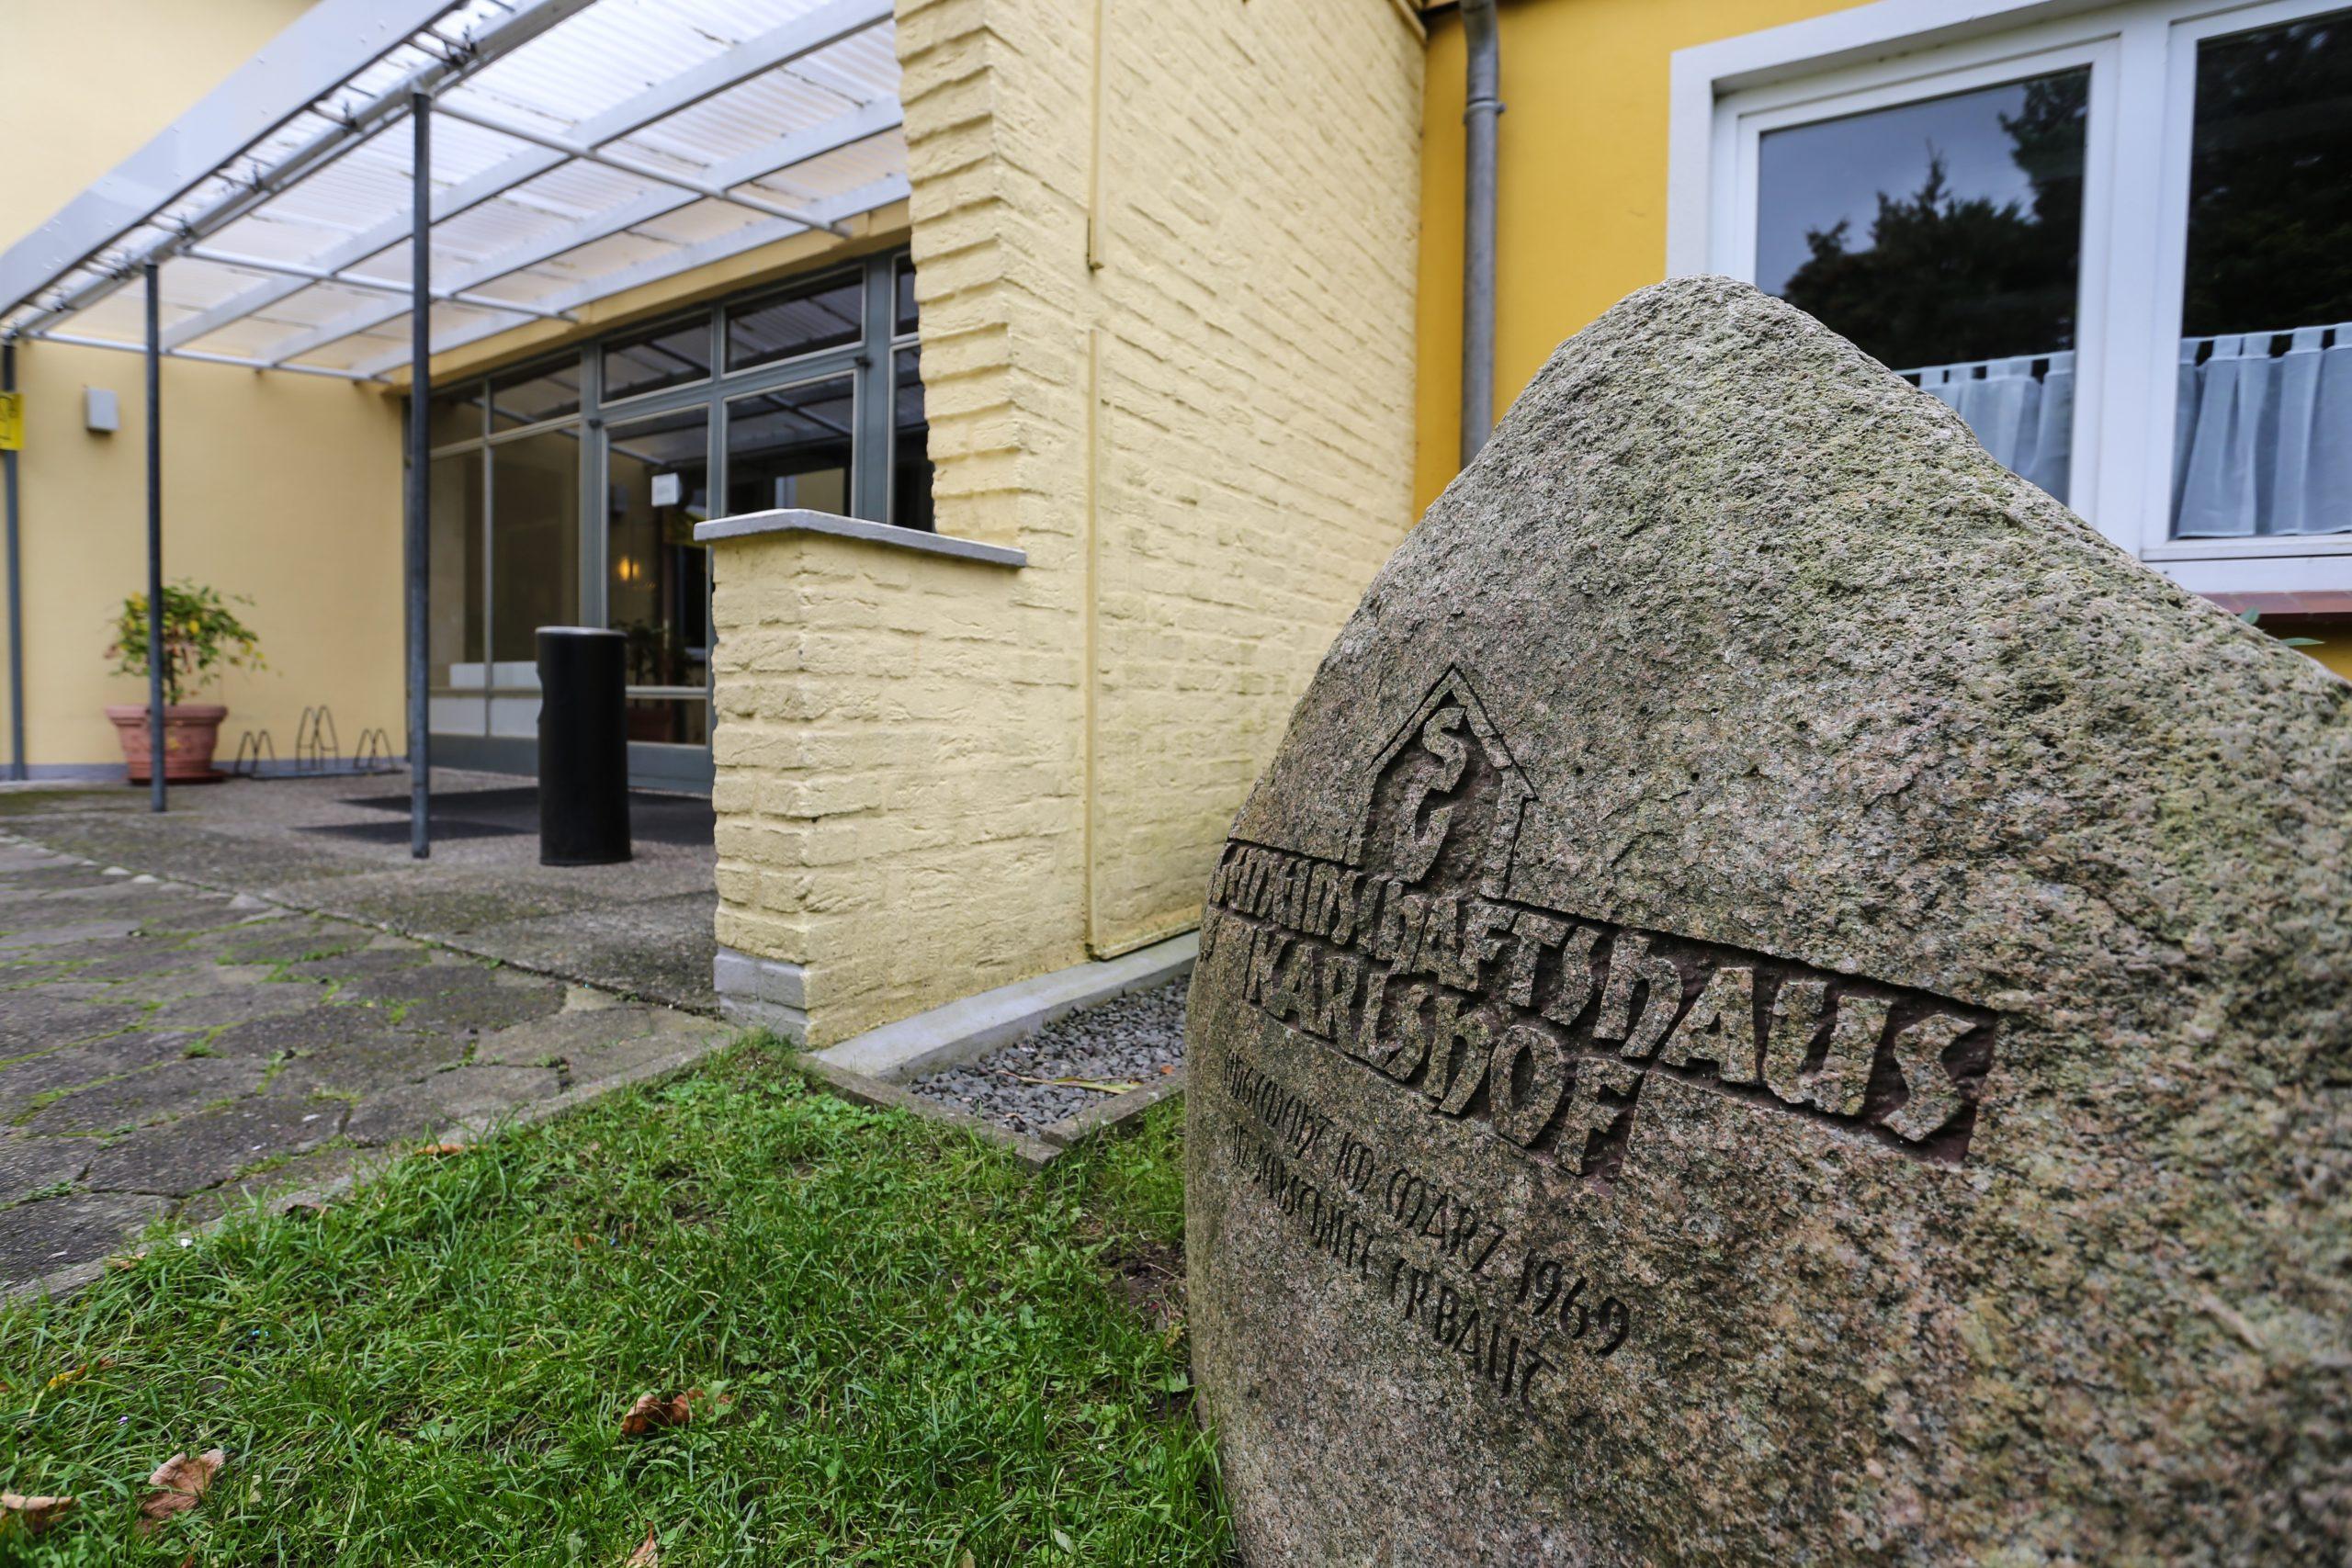 Coronahilfe Gemeinschaftshäuser Lübeck Vereine